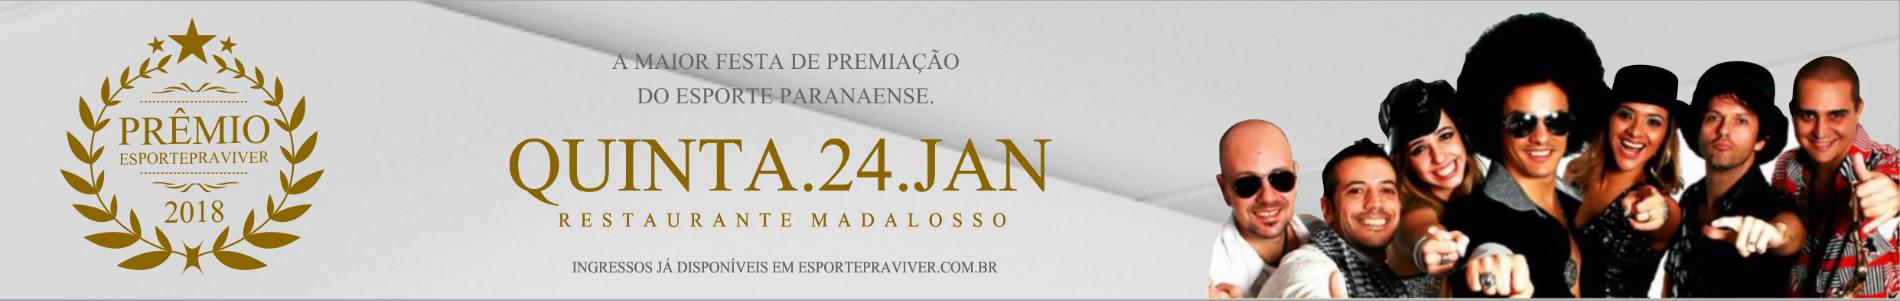 PRÊMIO ESPORTEPRAVIVER 2018